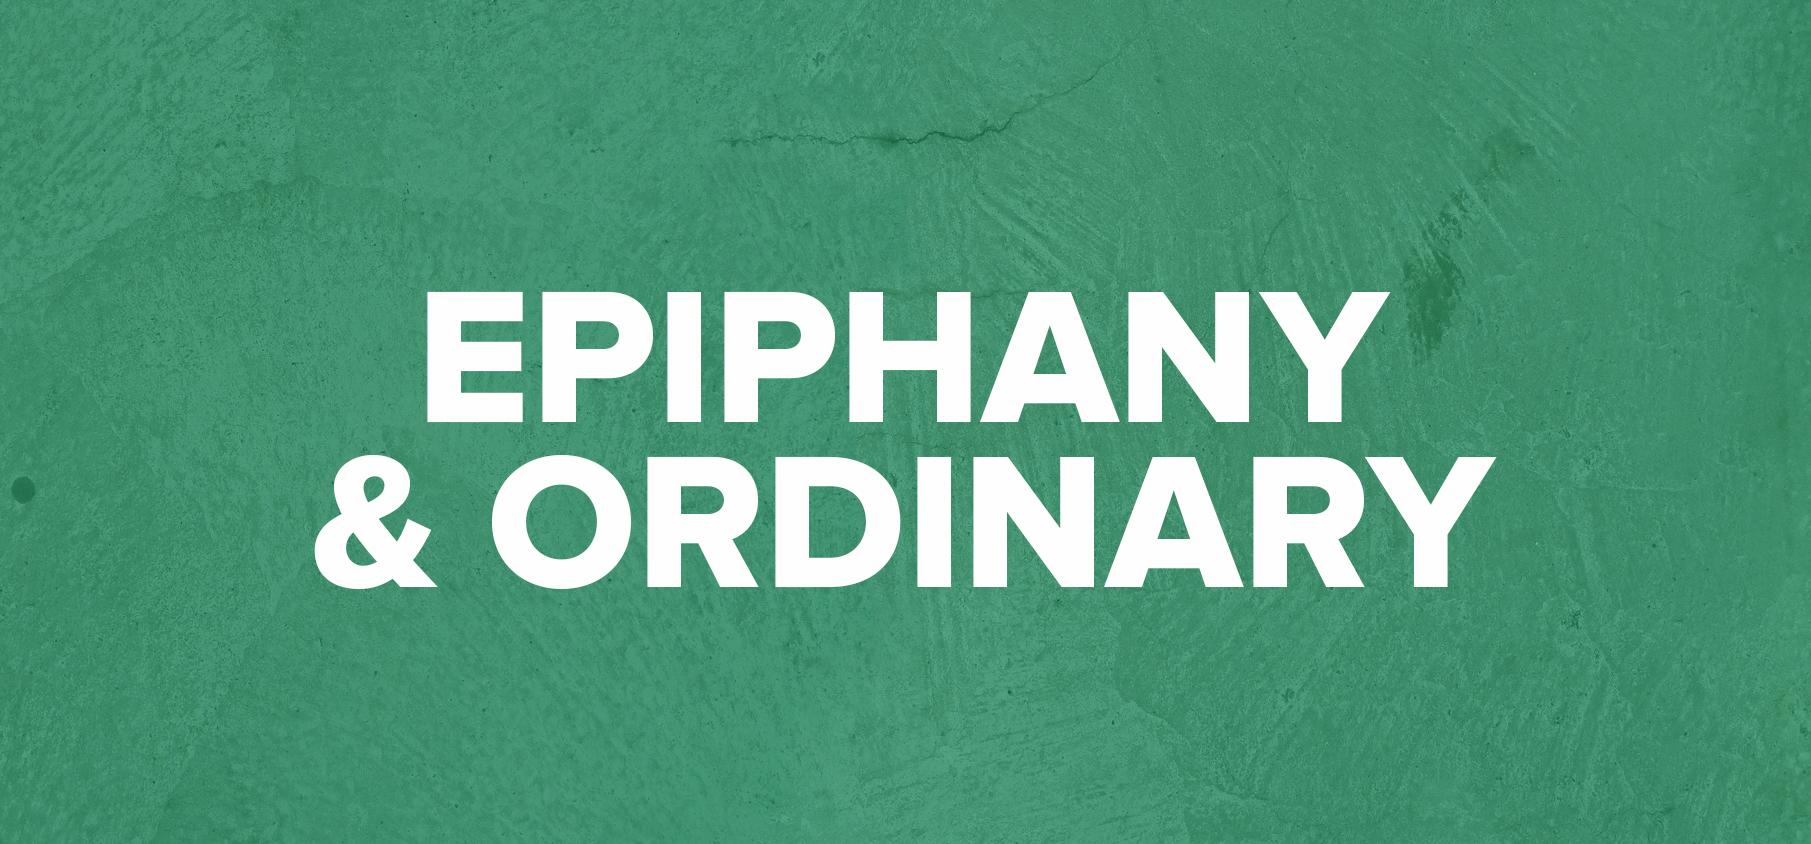 epiphany.jpg